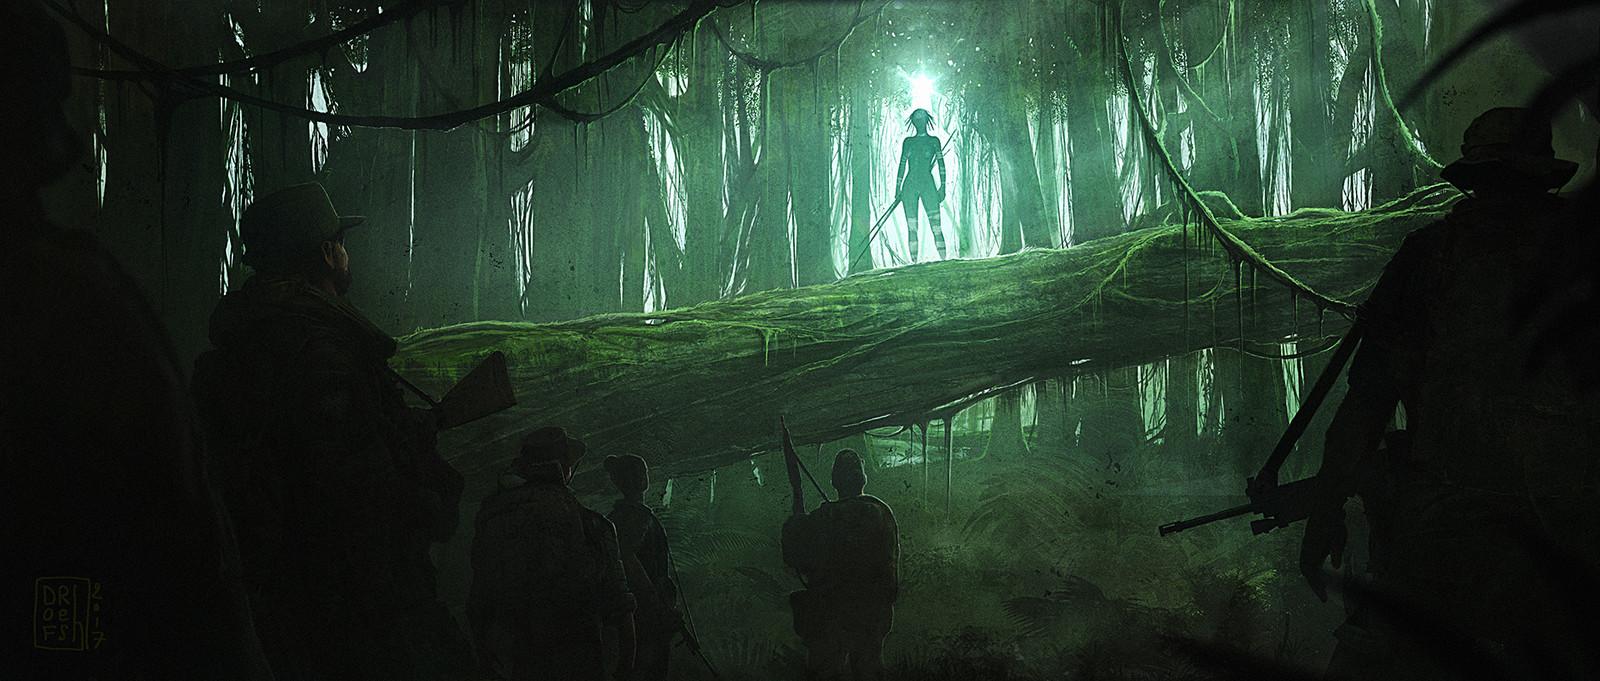 #1 : The encounter